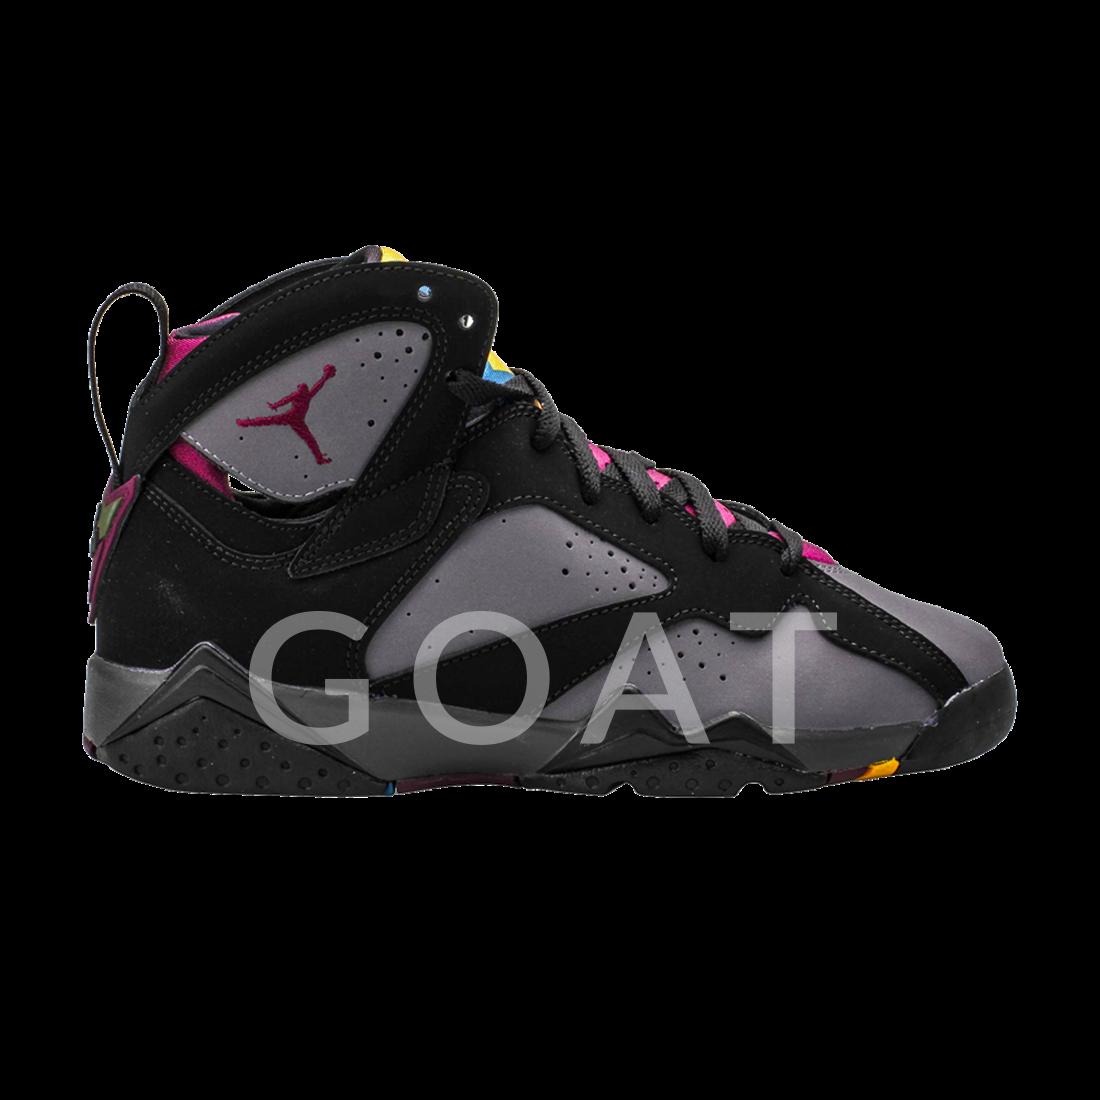 new style 50066 67464 Air Jordan 7 Retro BG  Bordeaux  2015 - Air Jordan - 304774 034 -